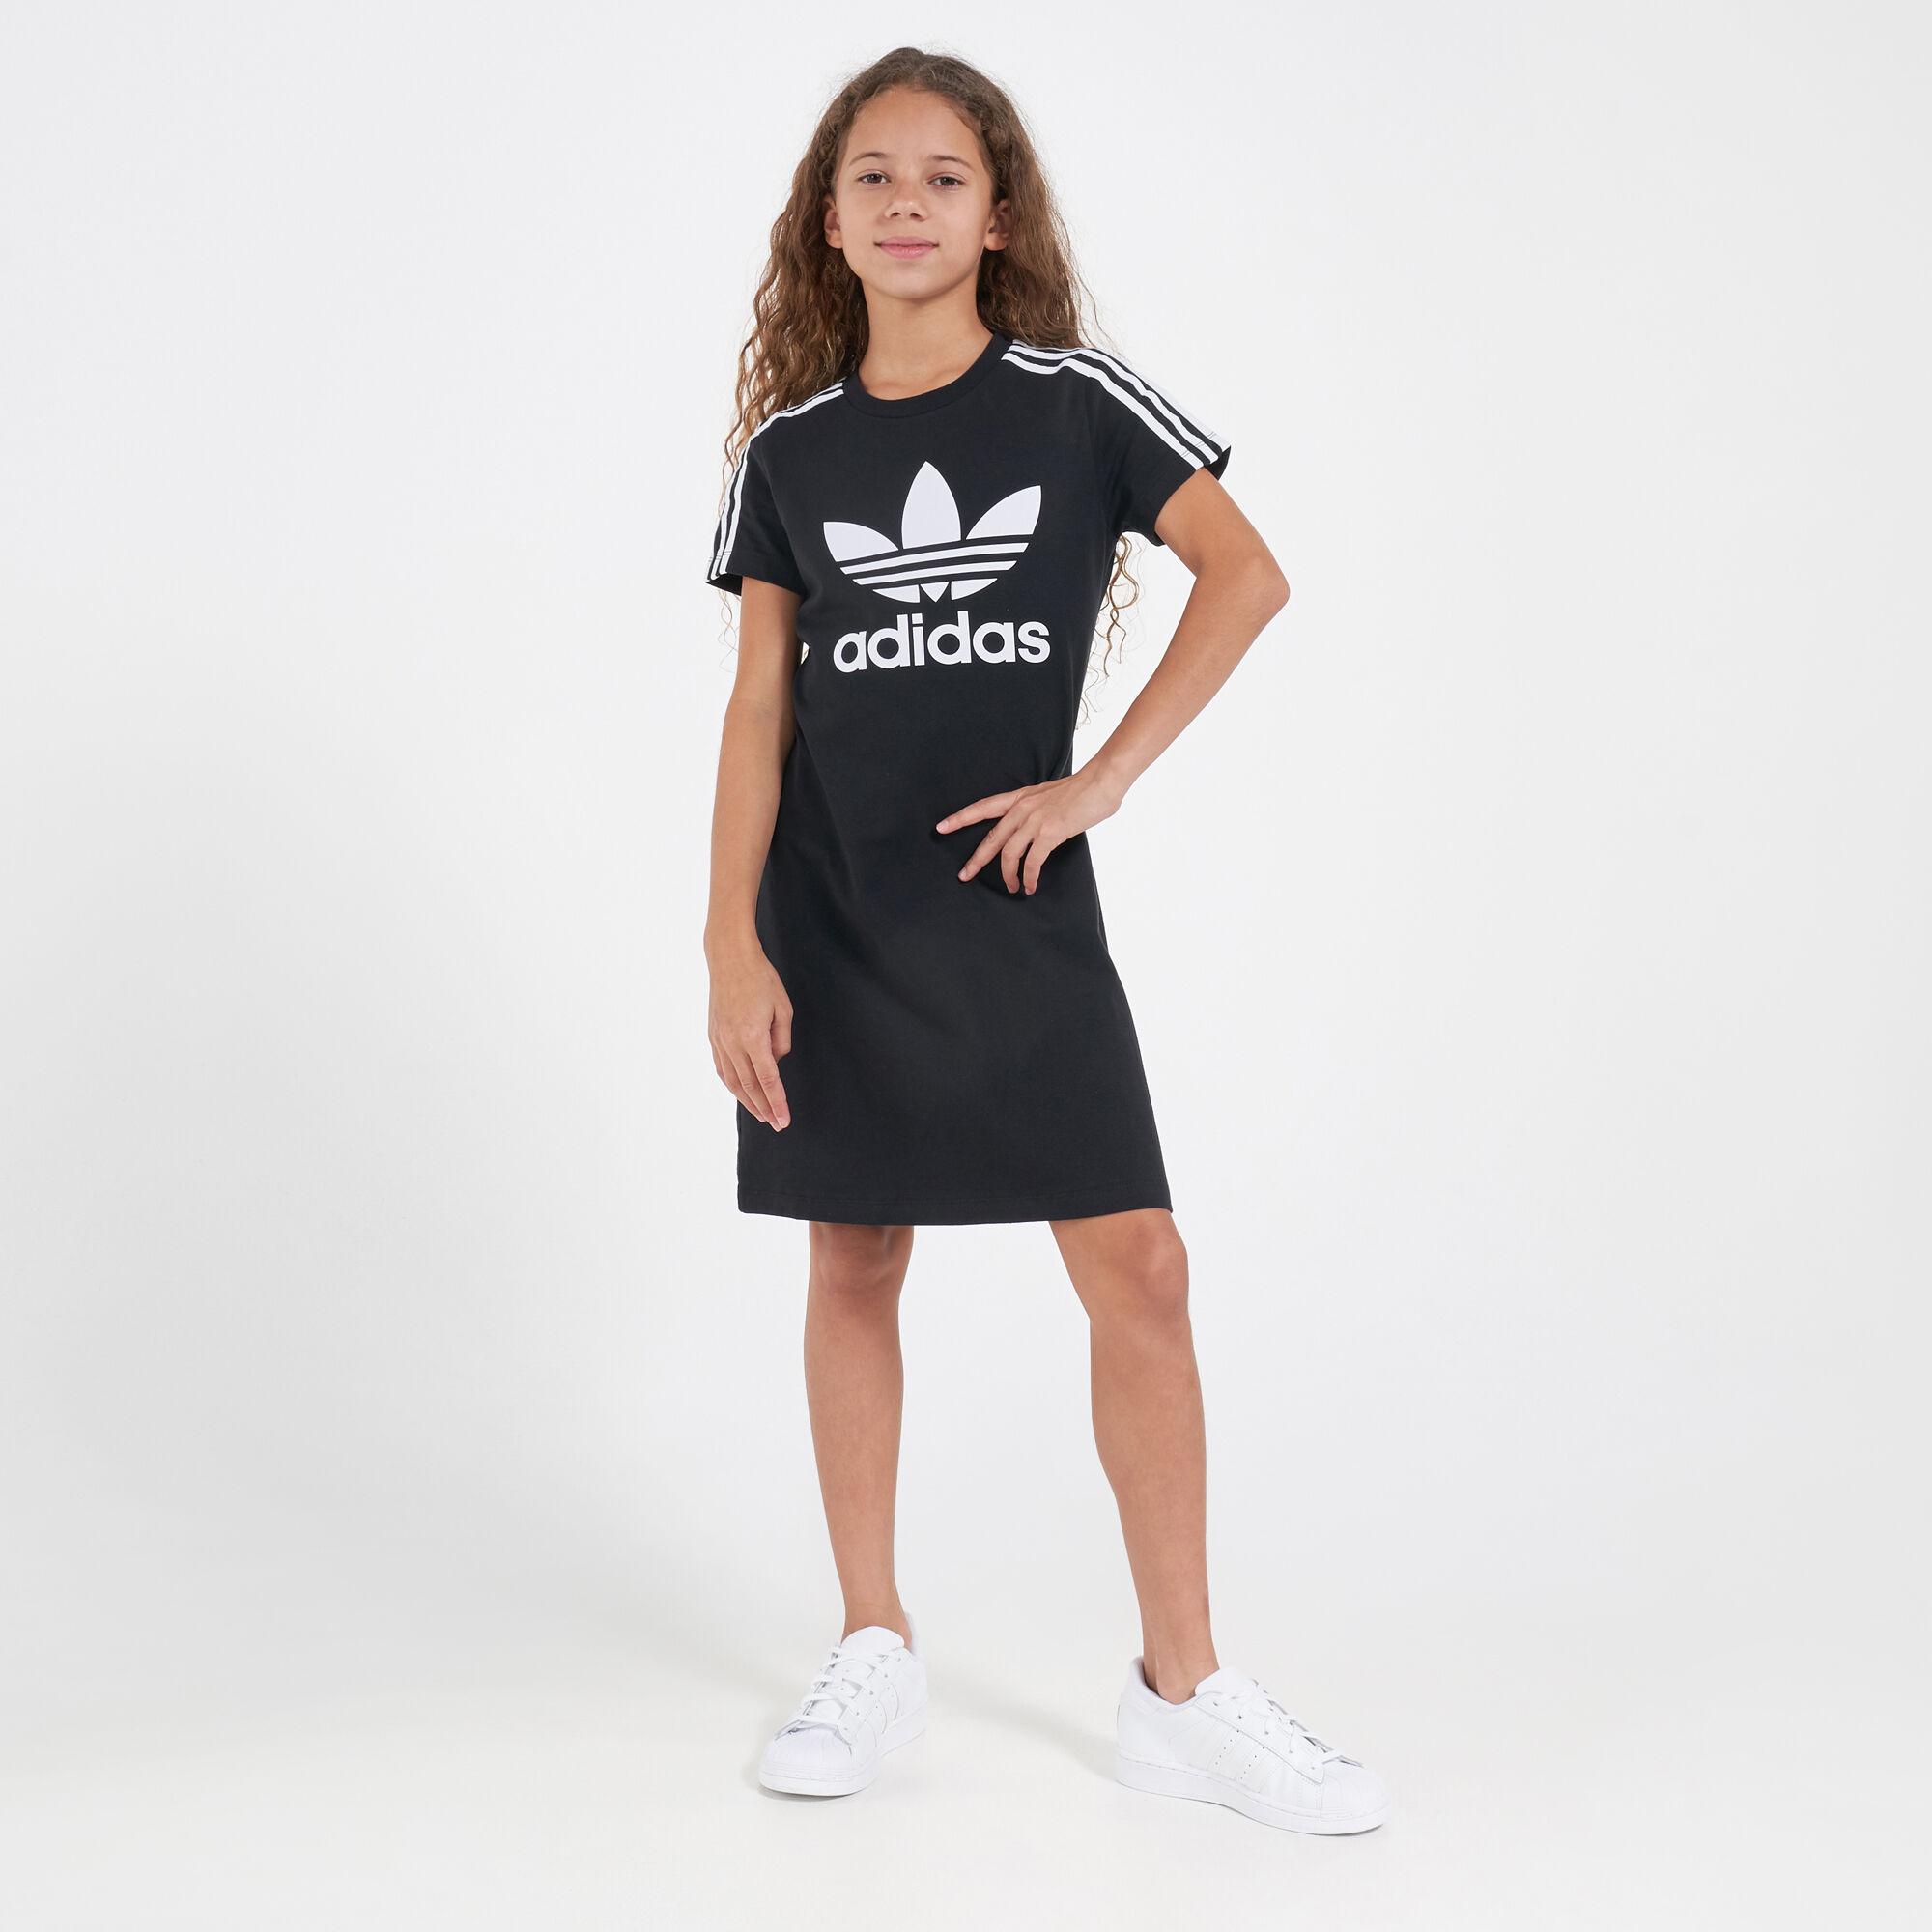 Buy adidas Originals Kids' Adicolor